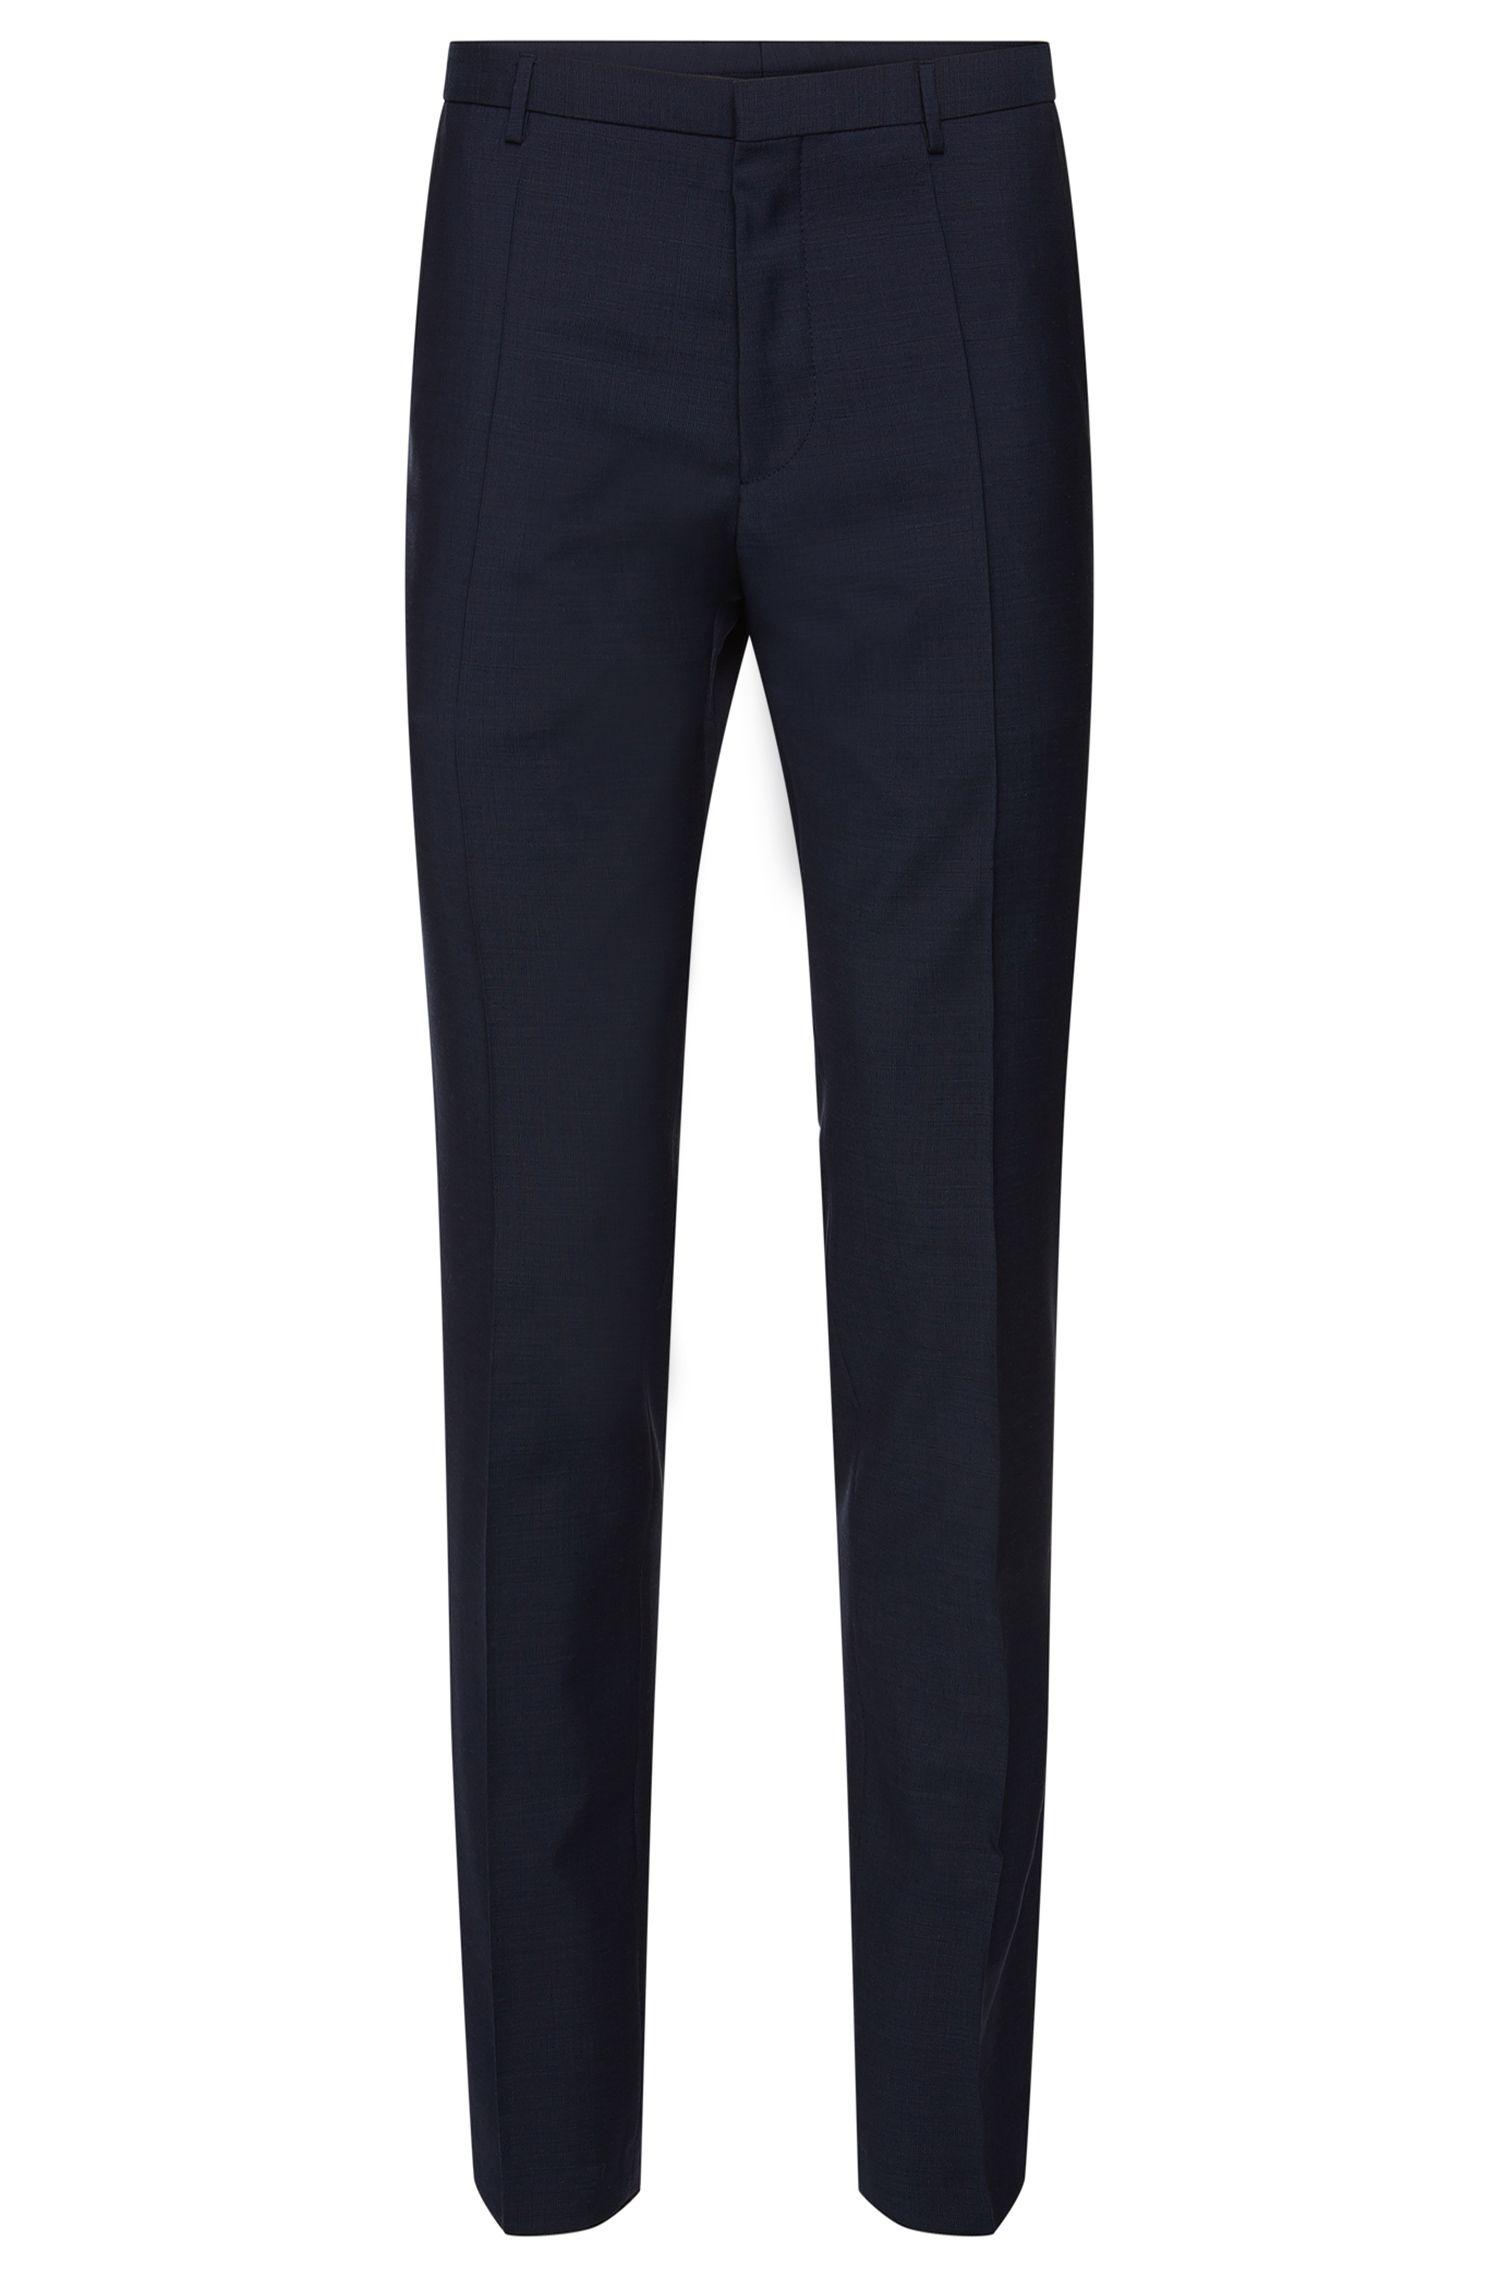 'Weldon' | Extra Slim Fit, Virgin Wool Dress Pants